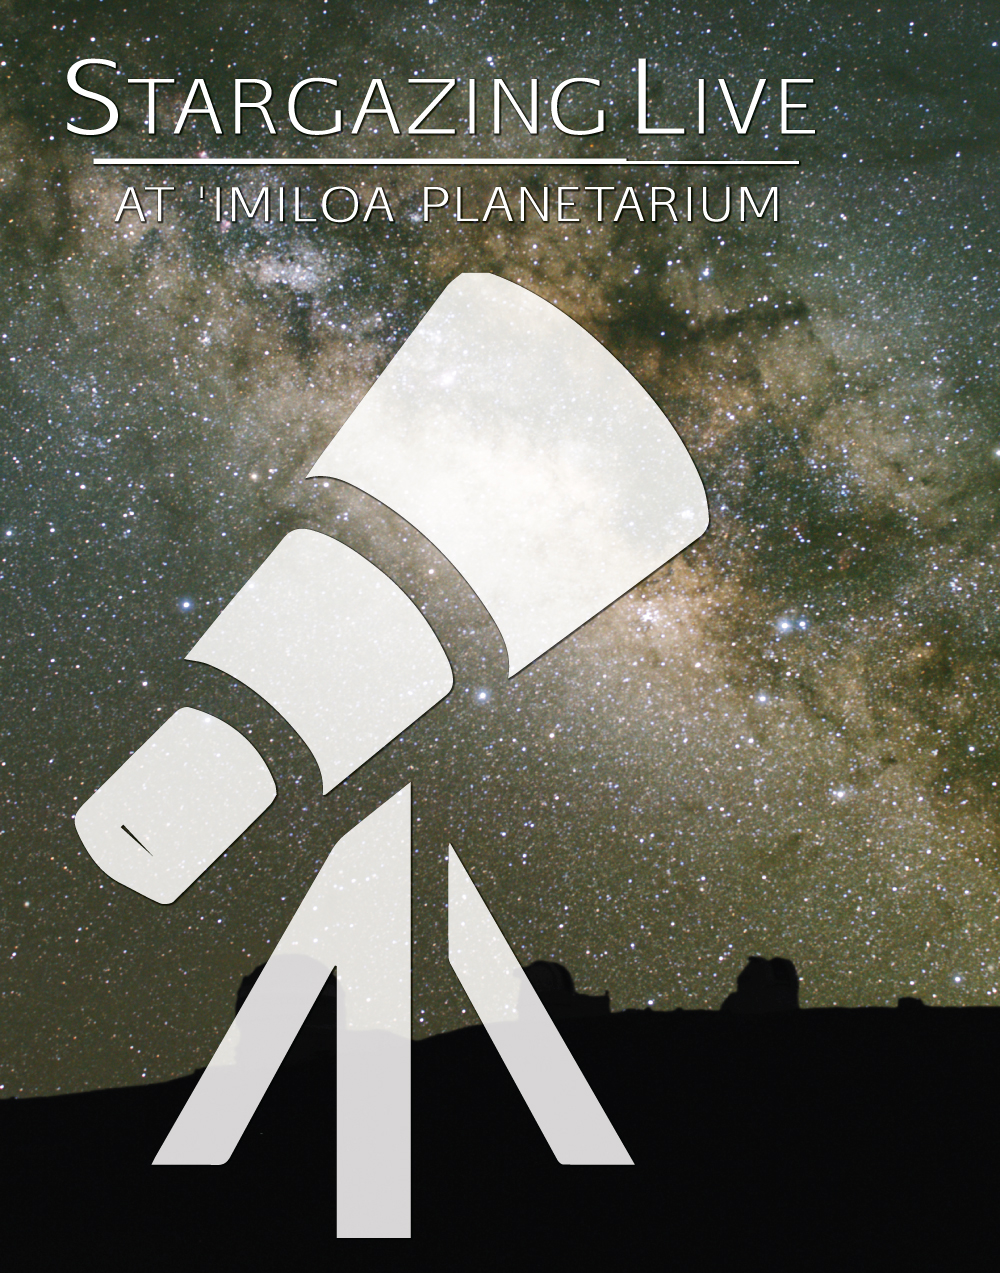 Stargazing-Live-Website.jpg